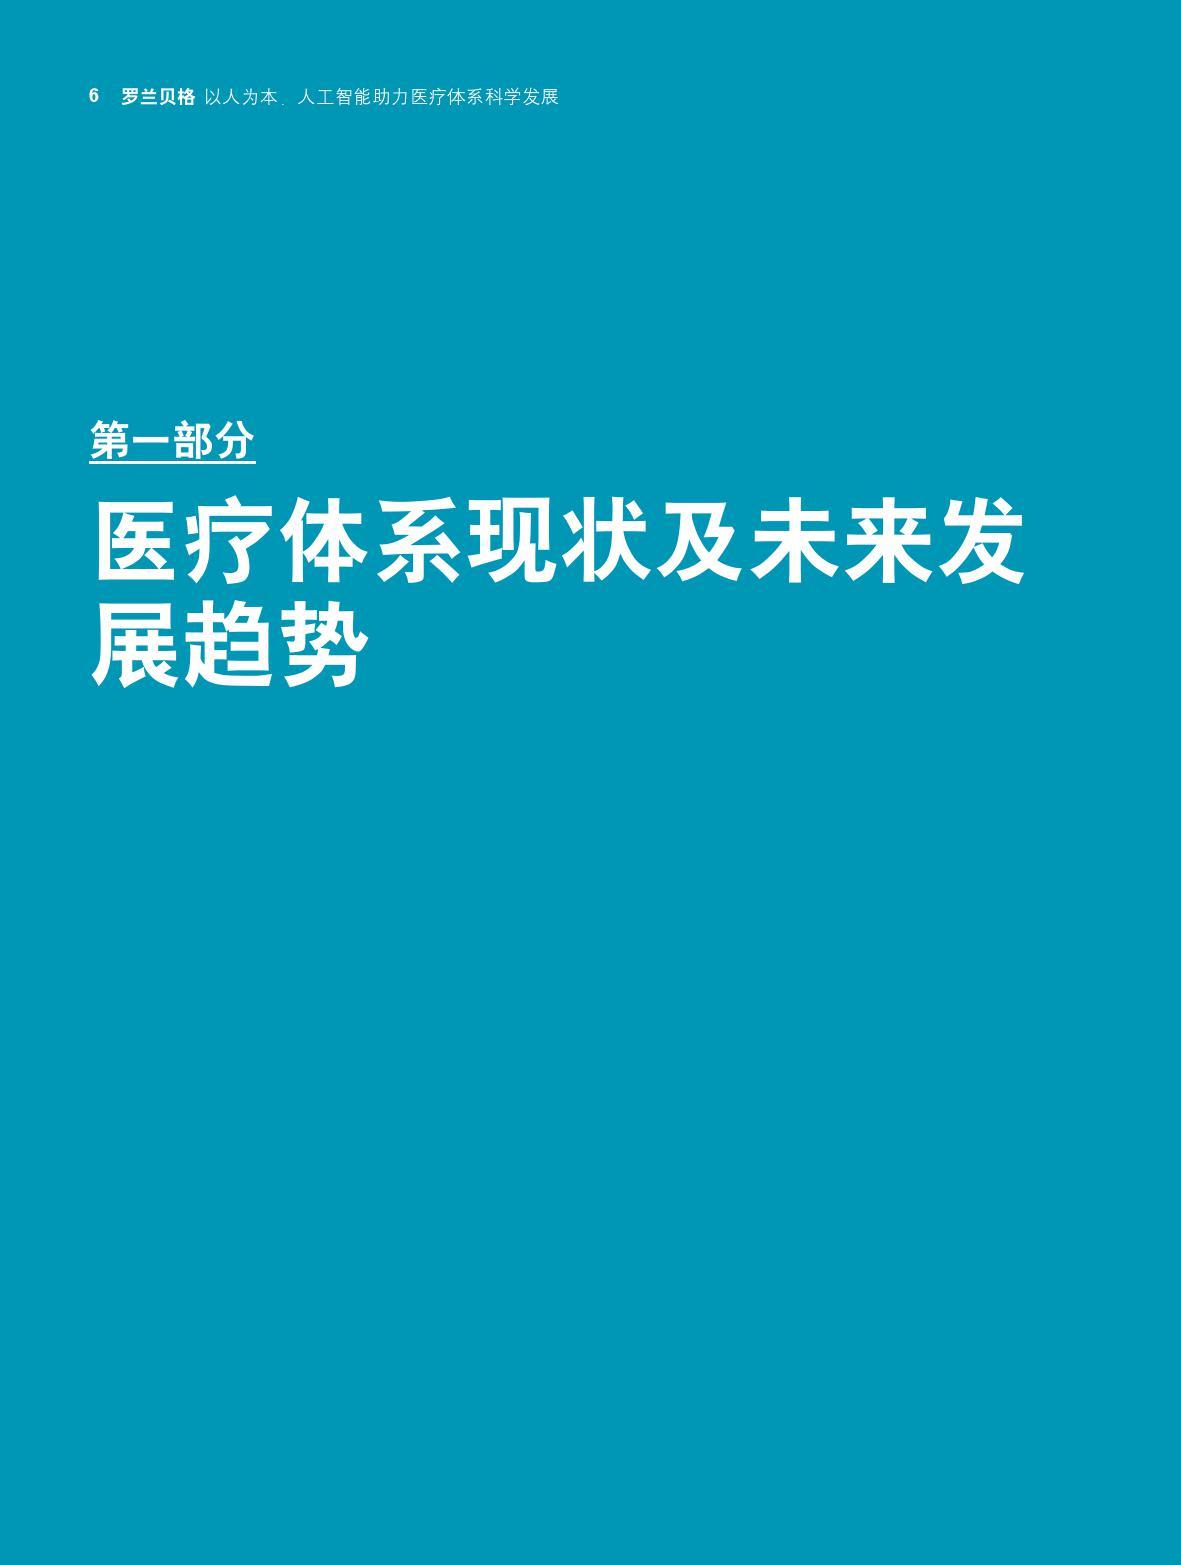 罗兰贝格&百度:人工智能助力医疗体系科学发展报告(附下载)插图(5)